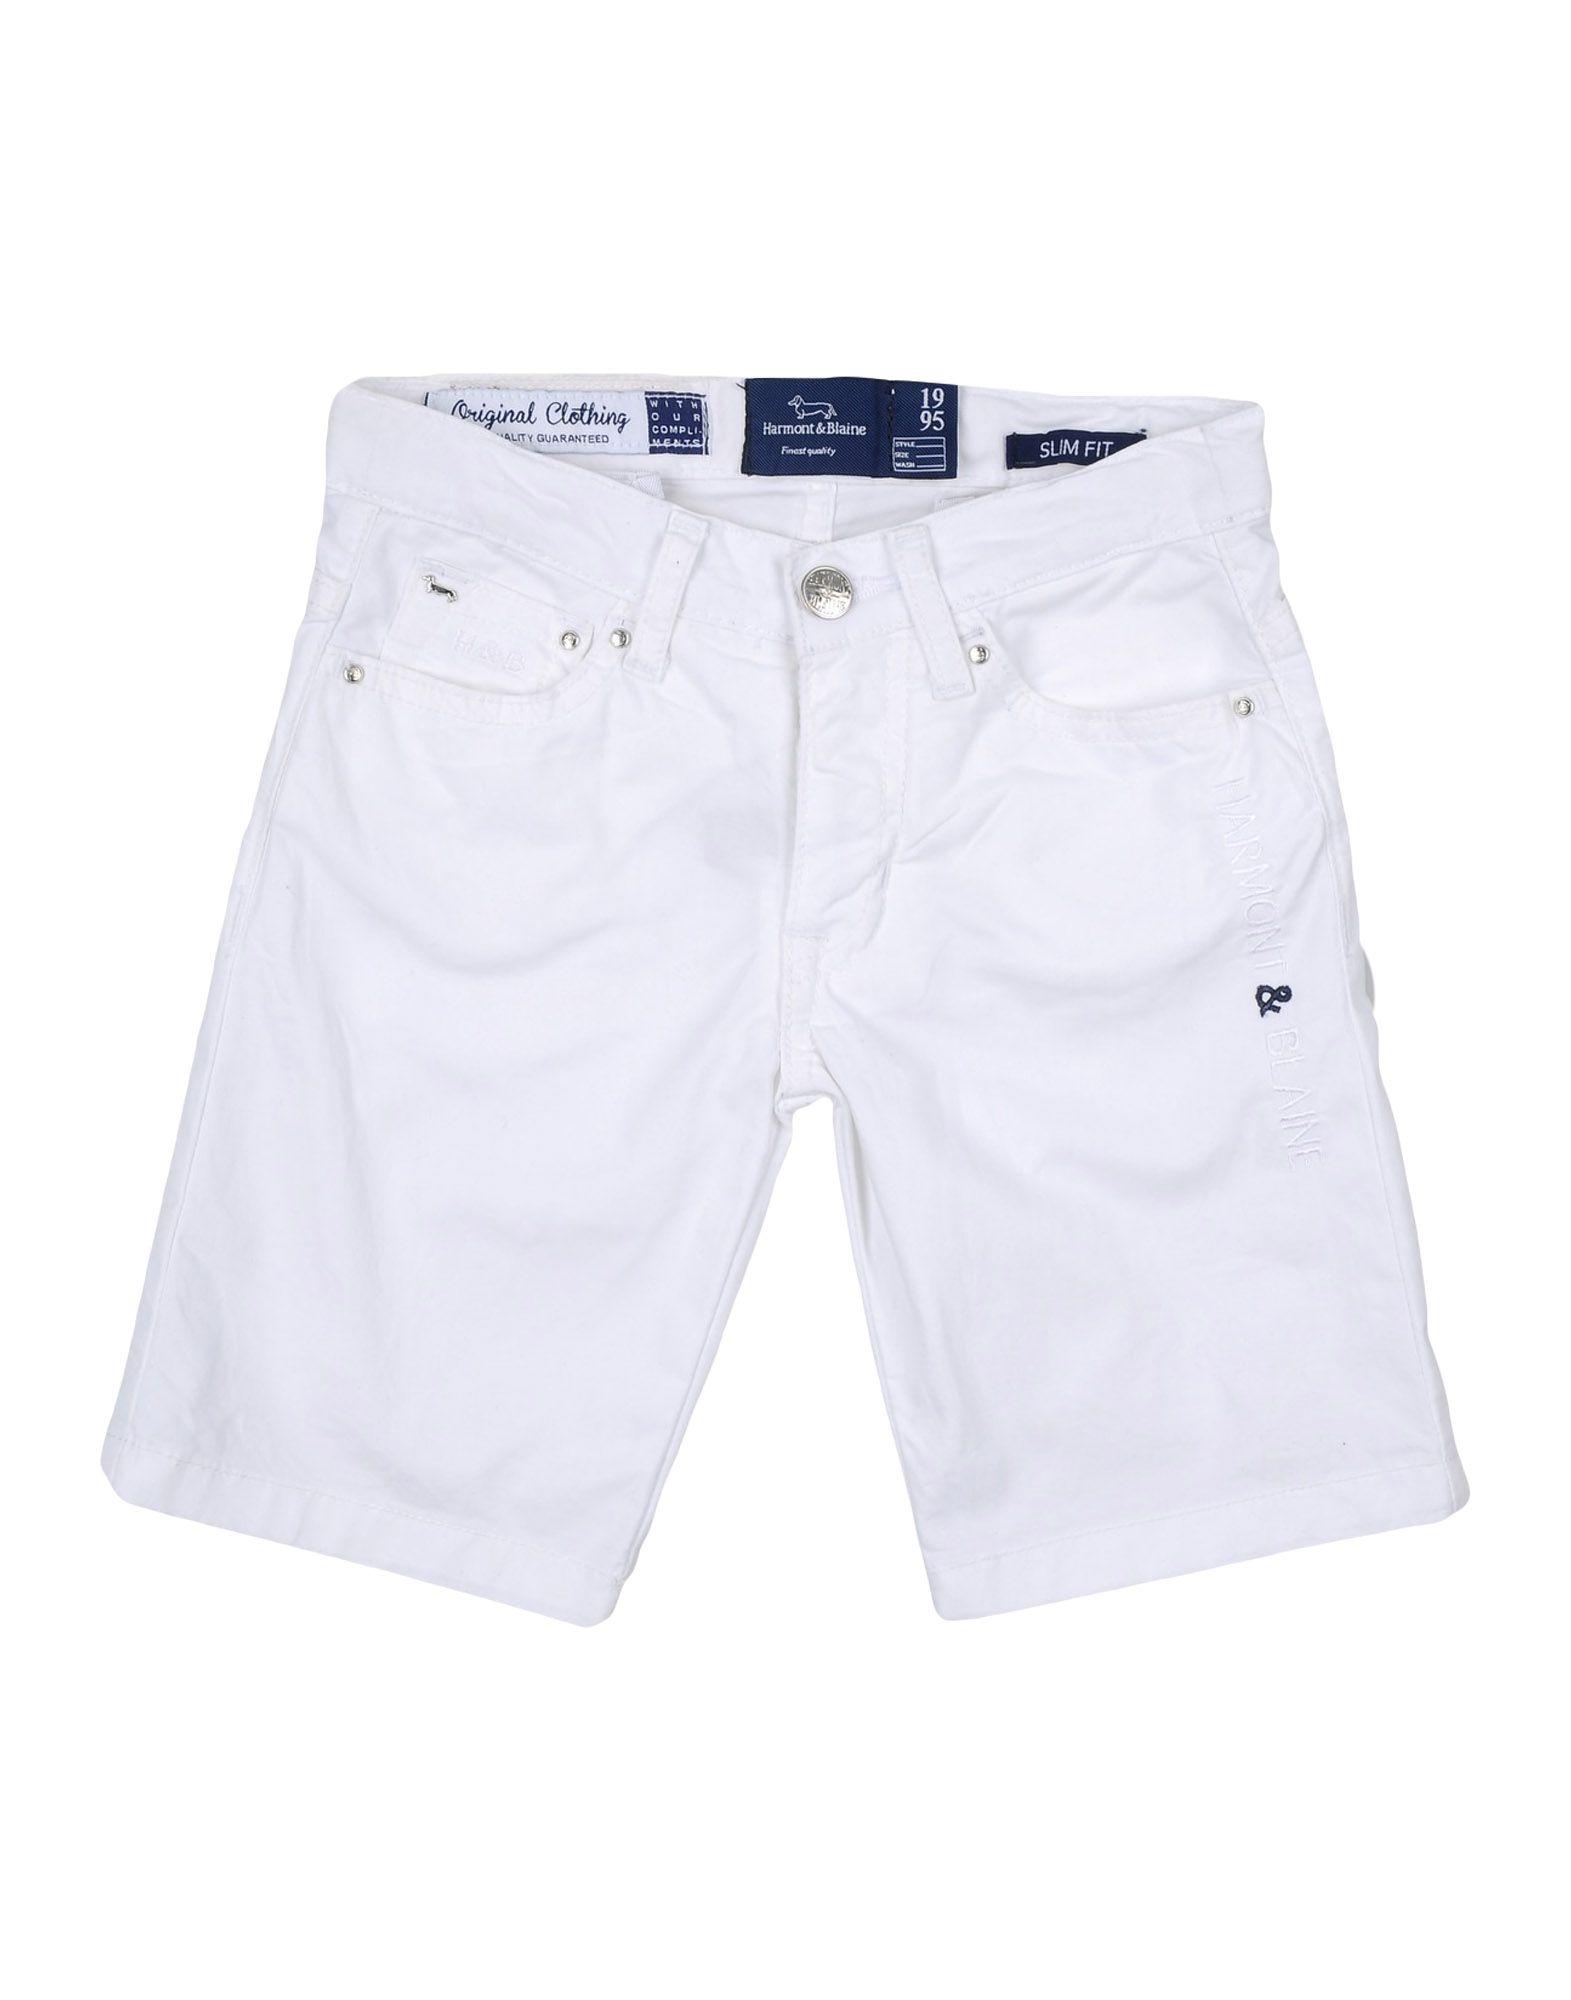 HARMONT&BLAINE Jungen 3-8 jahre Bermudashorts Farbe Weiß Größe 1